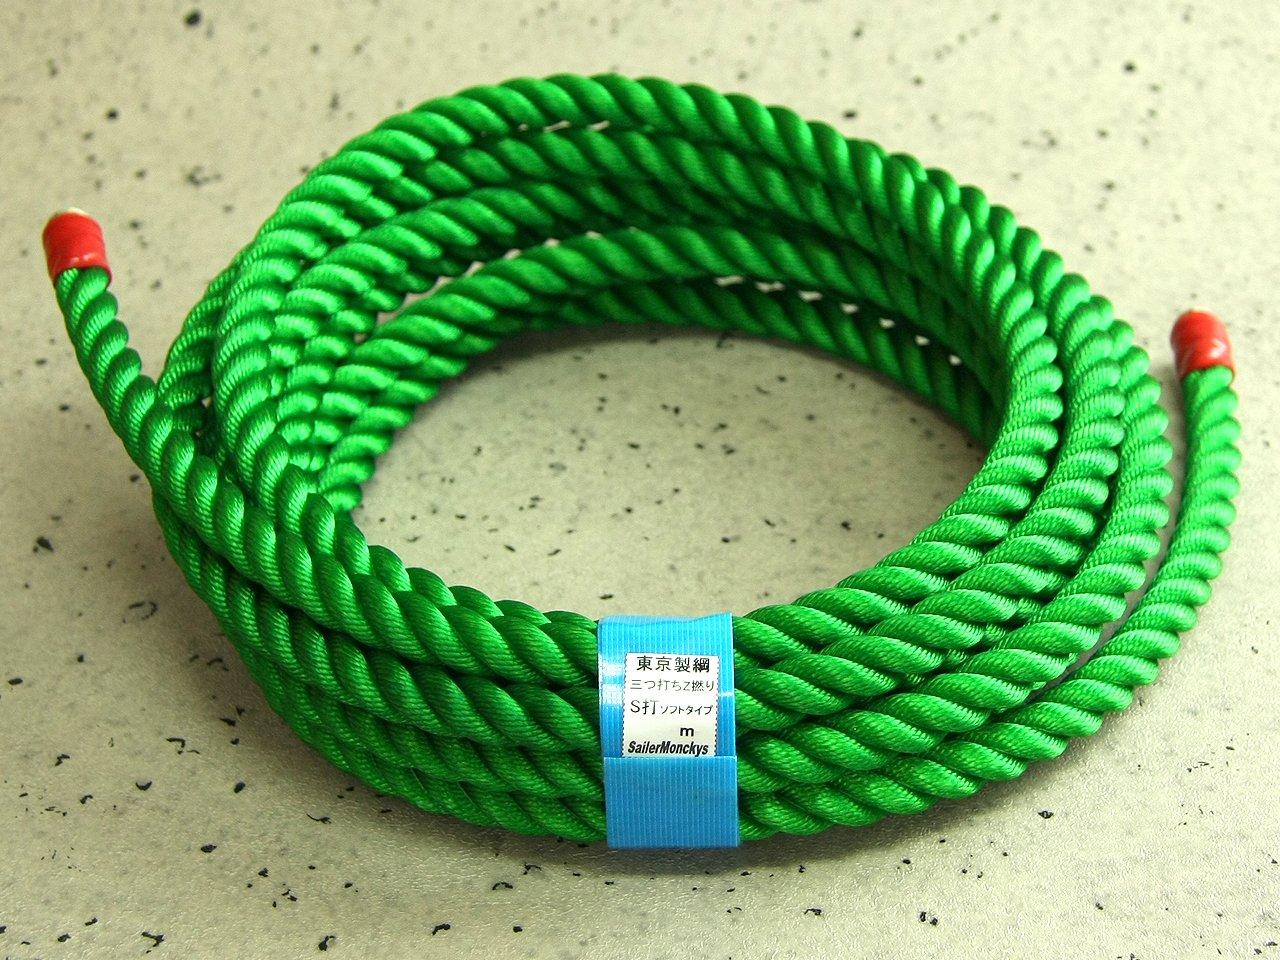 世界有名な 東京製綱 B019LA0BTE カラーナイロンレンジャーロープ 15m S打 緑 三つ打ち 直径12mm 緑 15m B019LA0BTE, ビュティー&ファッションポッポ:8b6df6e2 --- a0267596.xsph.ru